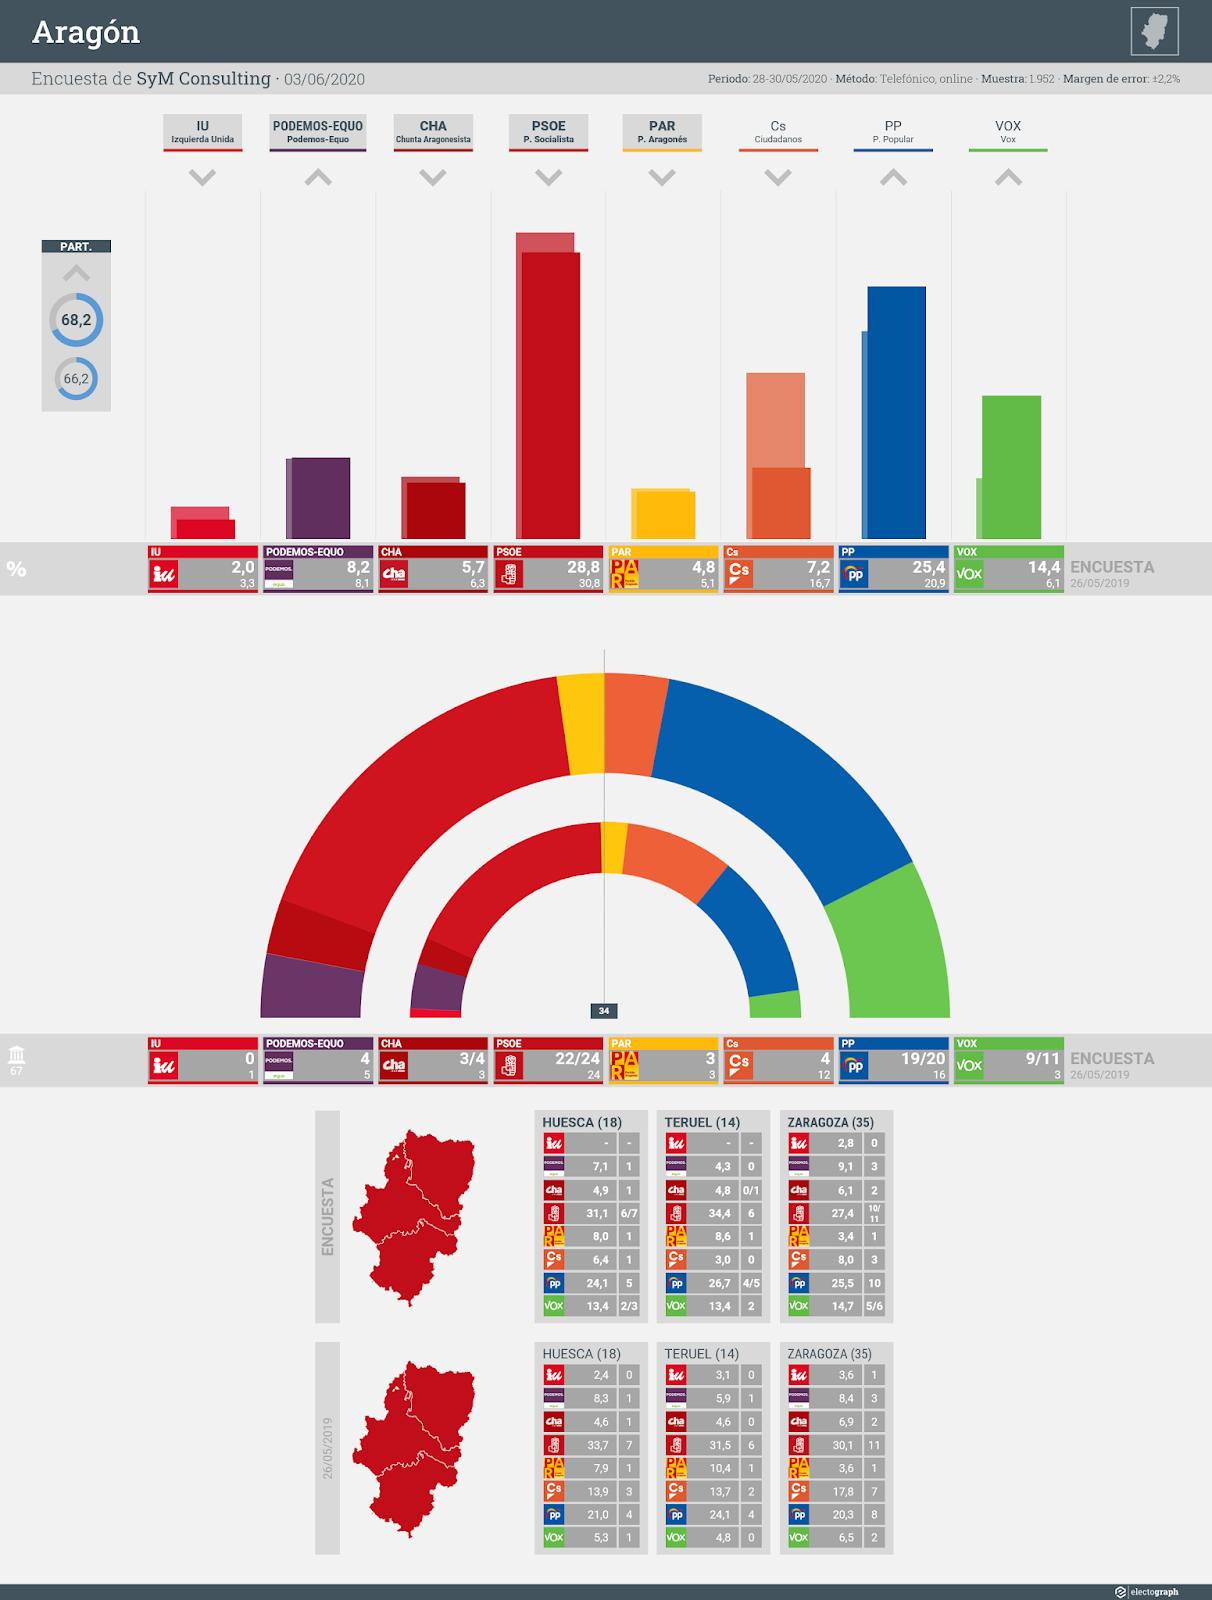 Gráfico de la encuesta para elecciones autonómicas en Aragón realizada por SyM Consulting, 3 de junio de 2020